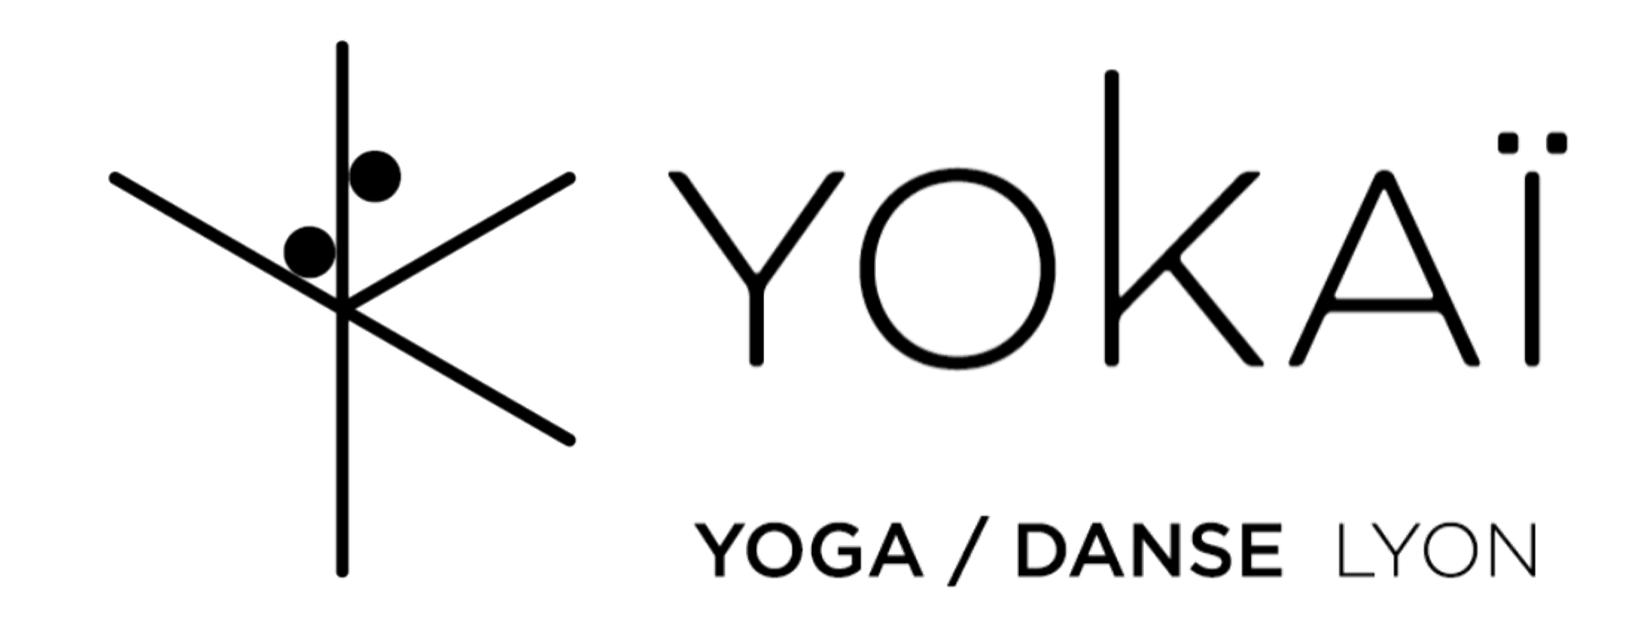 Yoga Lyon 1